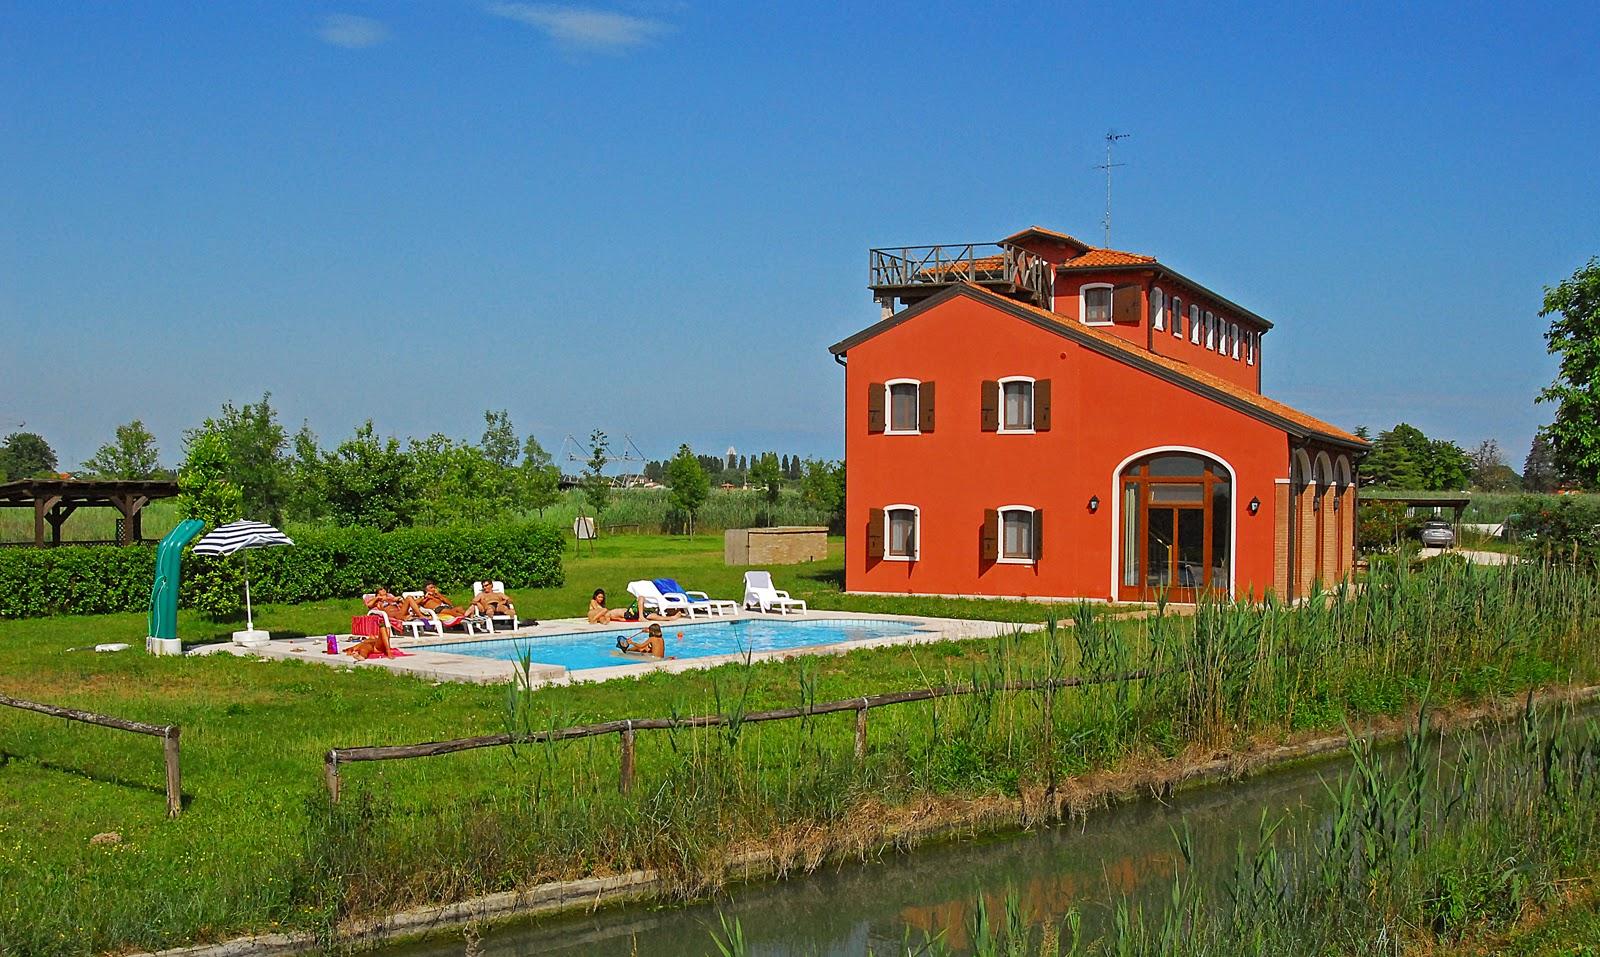 Ferienwohnung Valle 2 (734744), Jesolo, Adriaküste (Venetien), Venetien, Italien, Bild 1